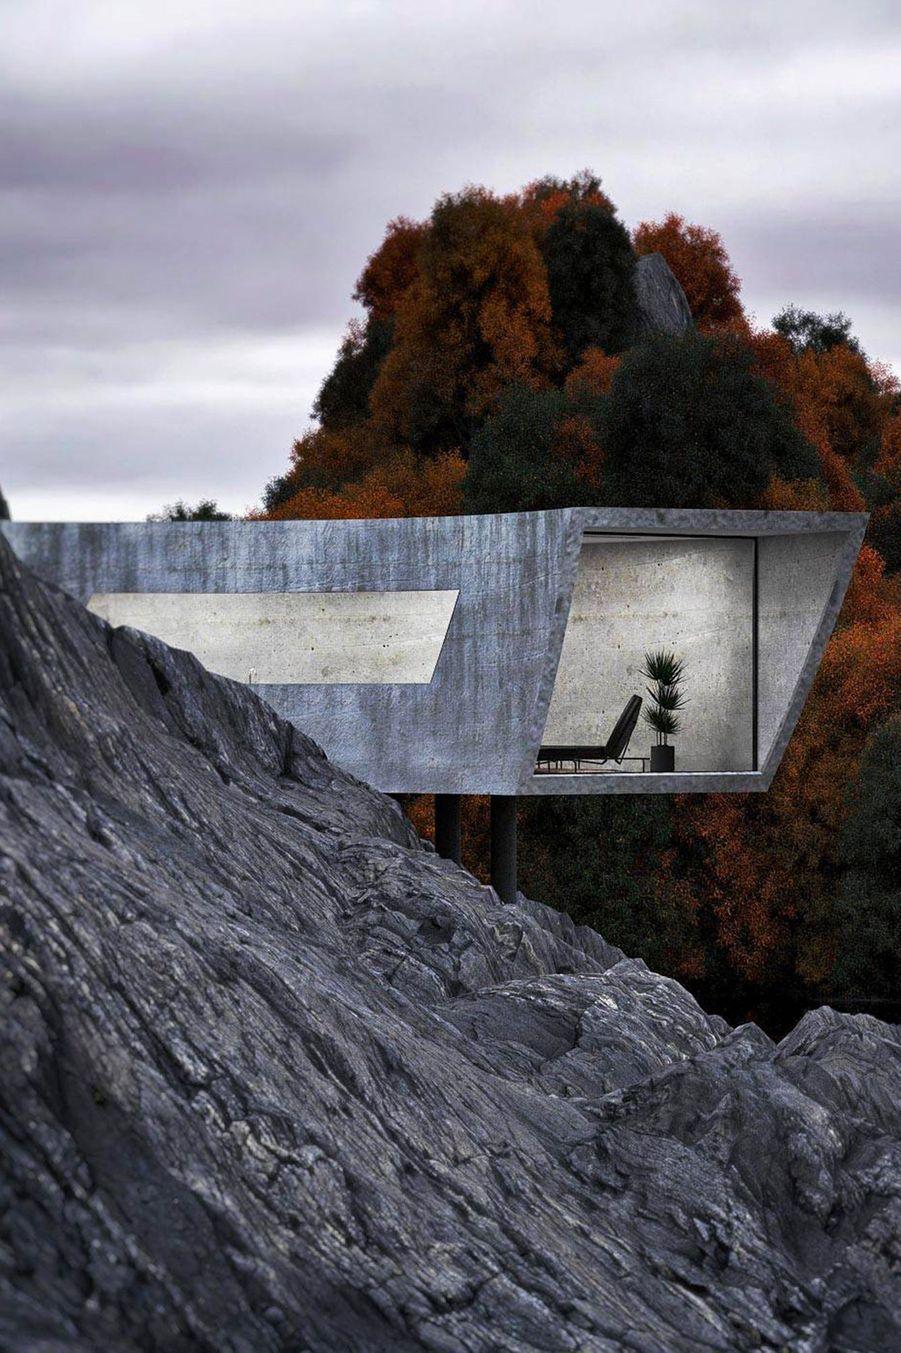 """L'architecte iranien Reza Mohtashami a imaginé un repaire en béton qui se fond parfaitement dans la nature. Son projet s'appelle """"Concrete House""""."""